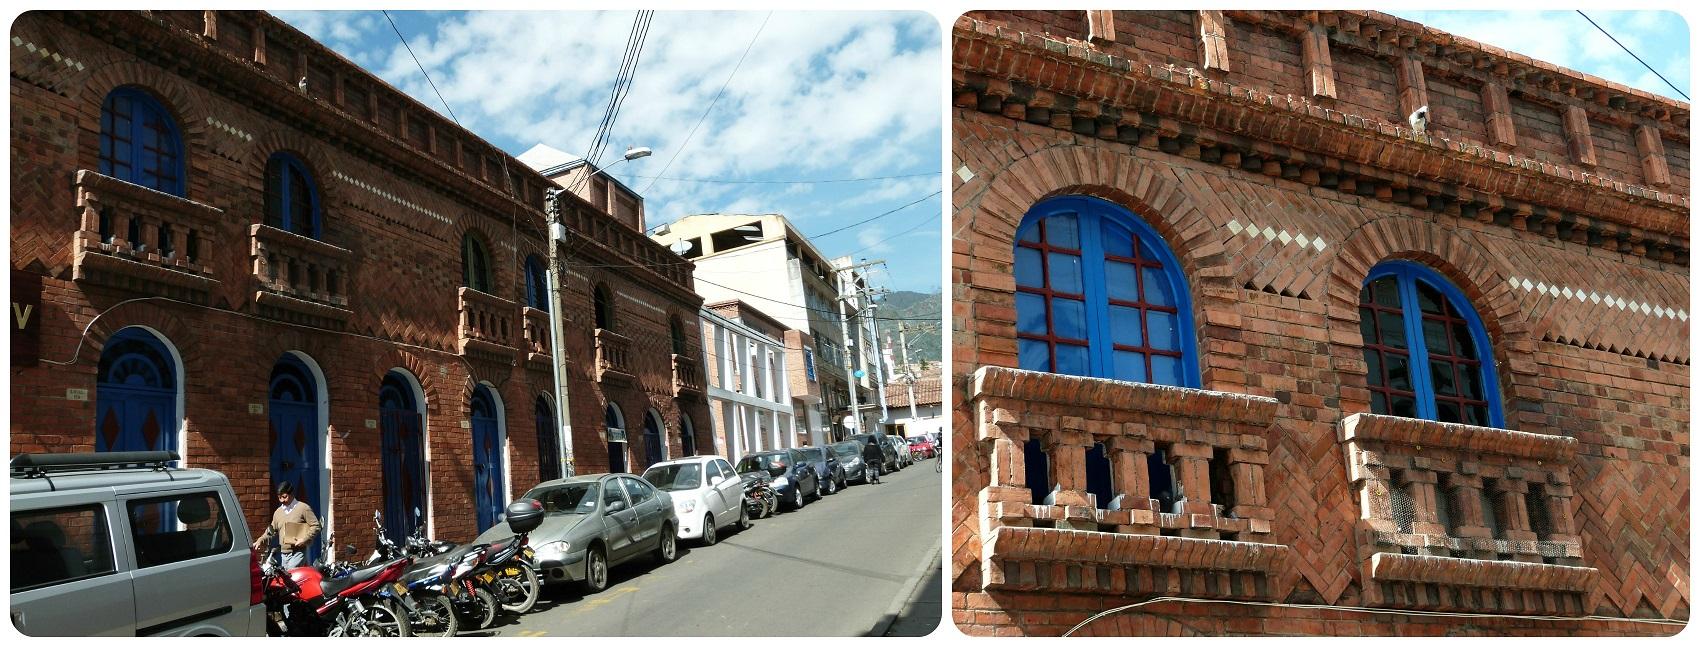 Zoom sobre unas ventanas de un edificio de Zipaquira